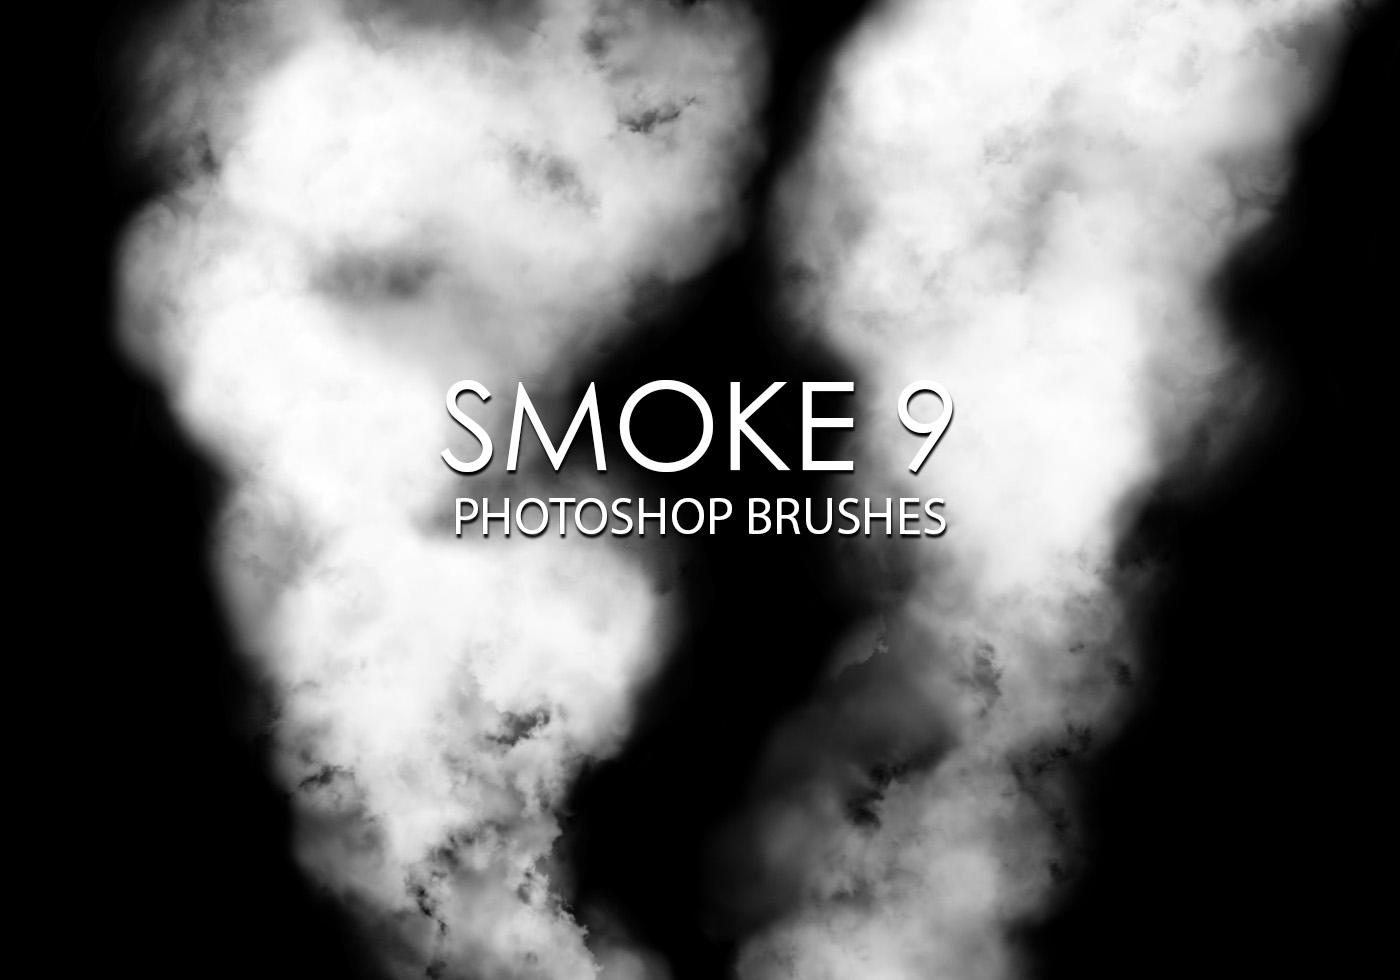 Free Smoke Photoshop Brushes 9 - Free Photoshop Brushes at ...